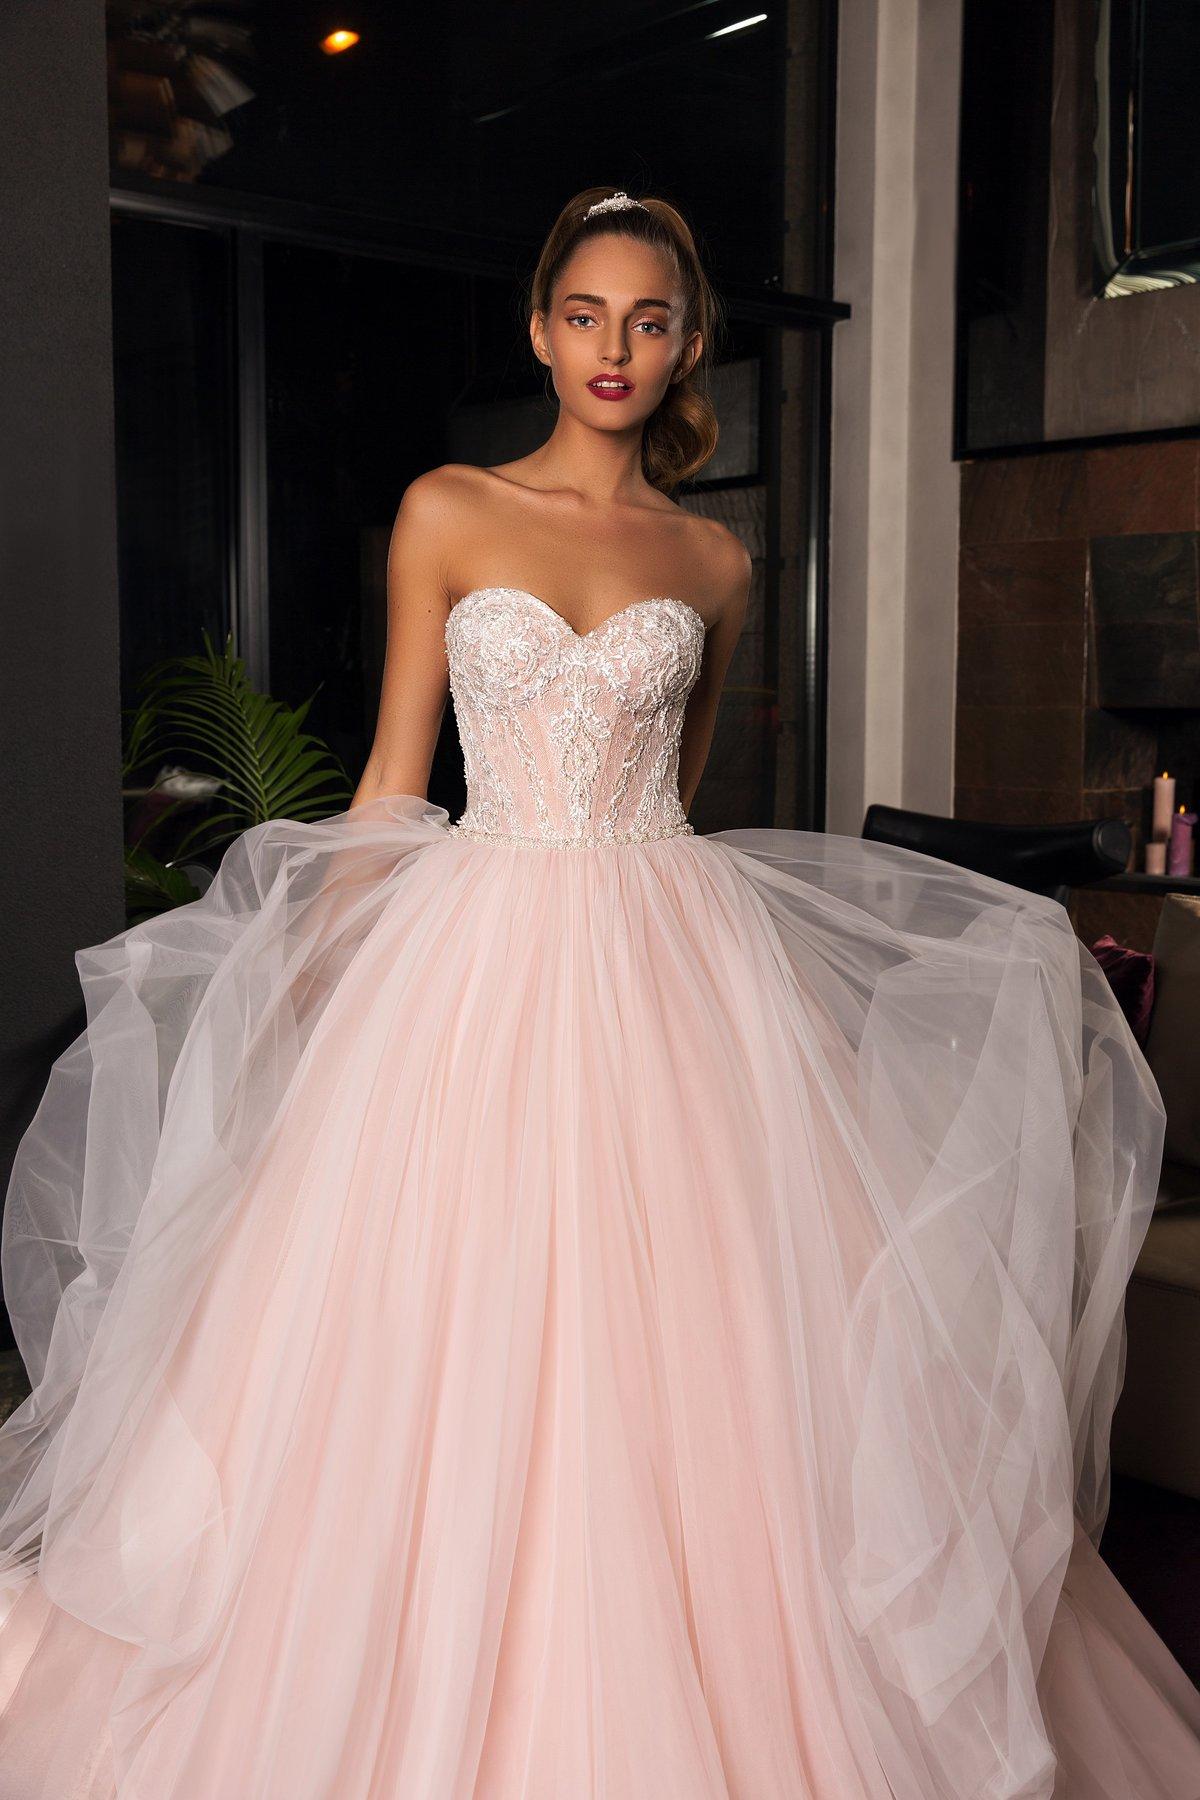 самое красивое платье невесты фото потому, что